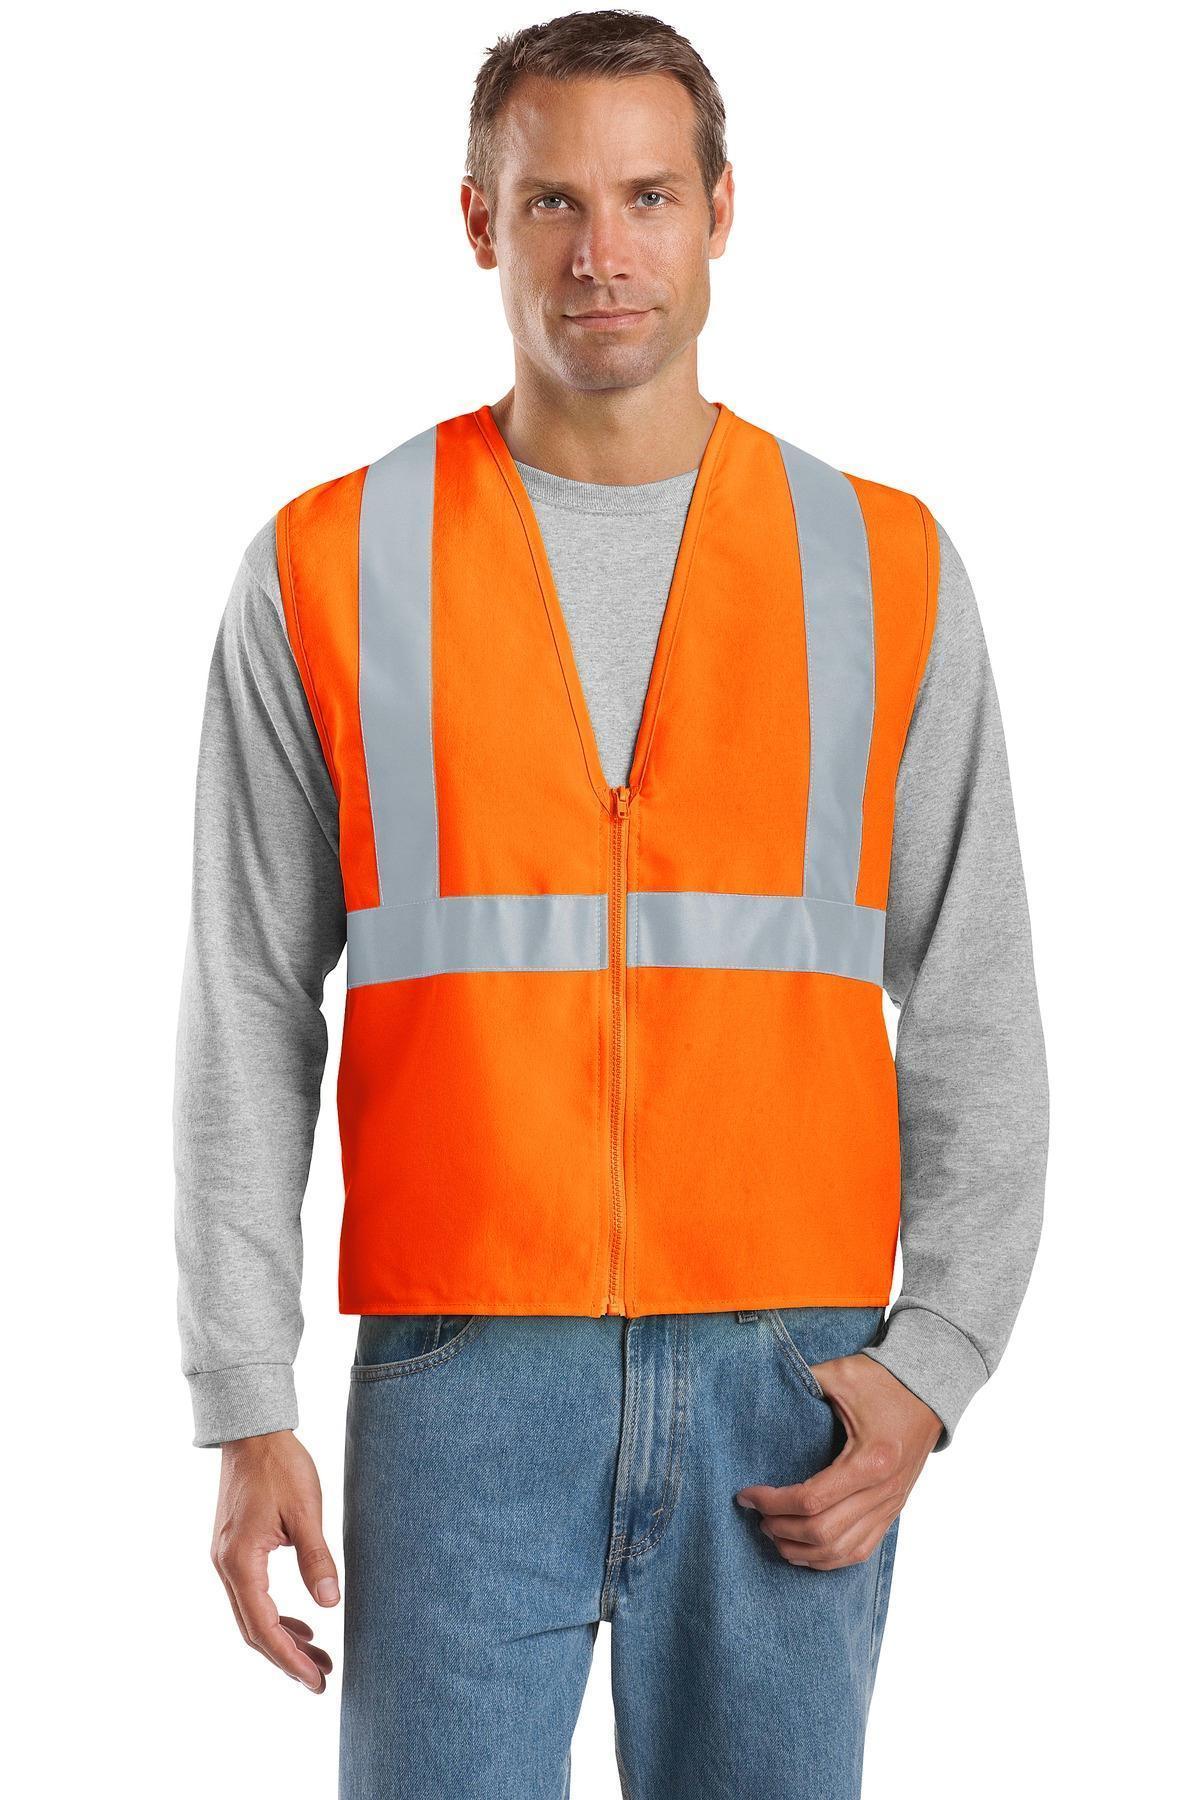 CornerStone ANSI 107 Class 2 Safety Vest. CSV400 Safety